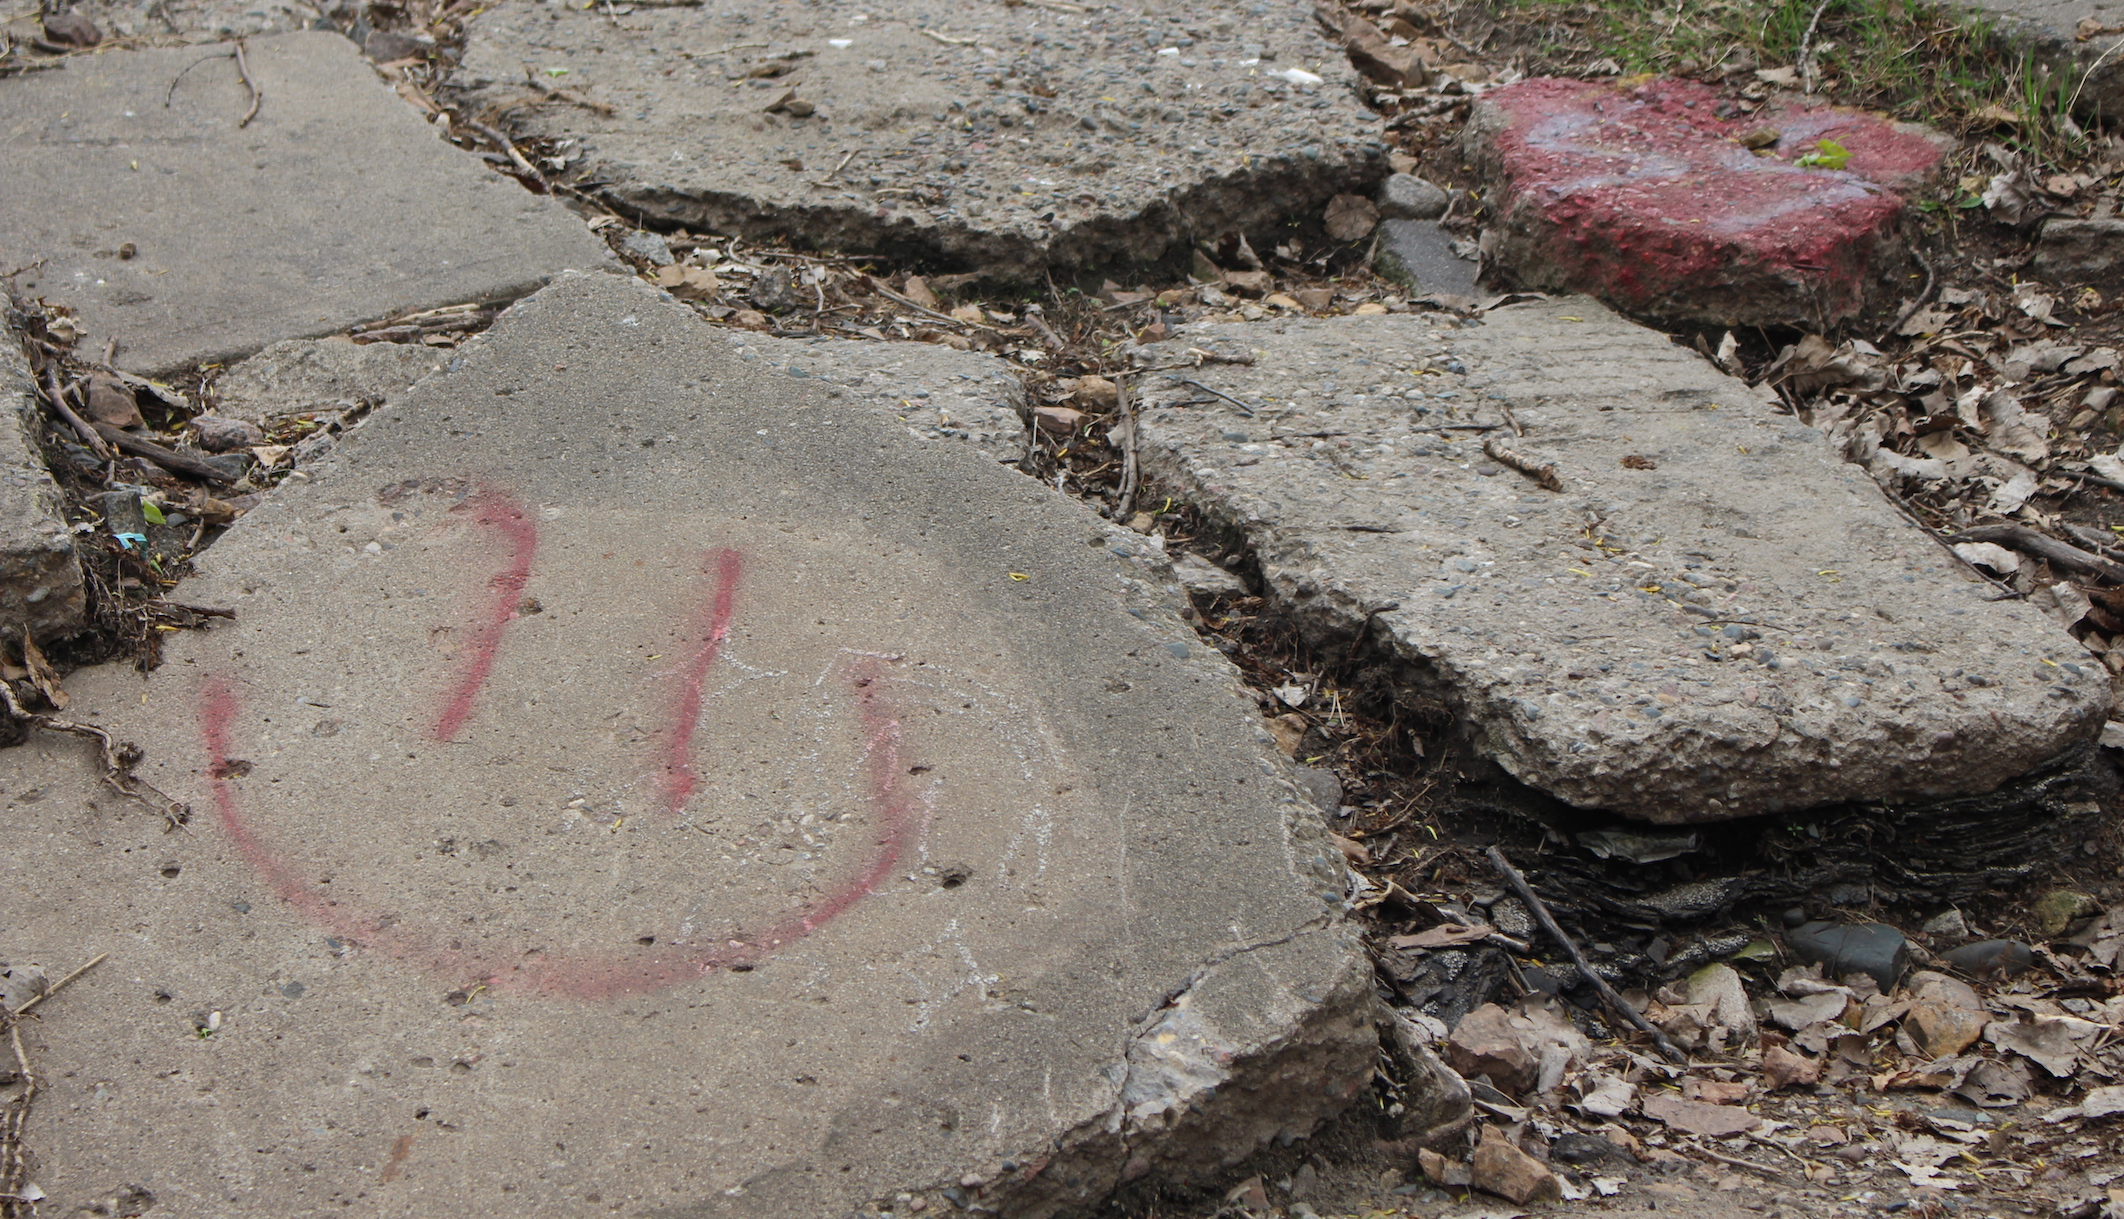 Myrdet 'Smiley Face Killers' hundreder af unge mænd, eller er det bare en myte?